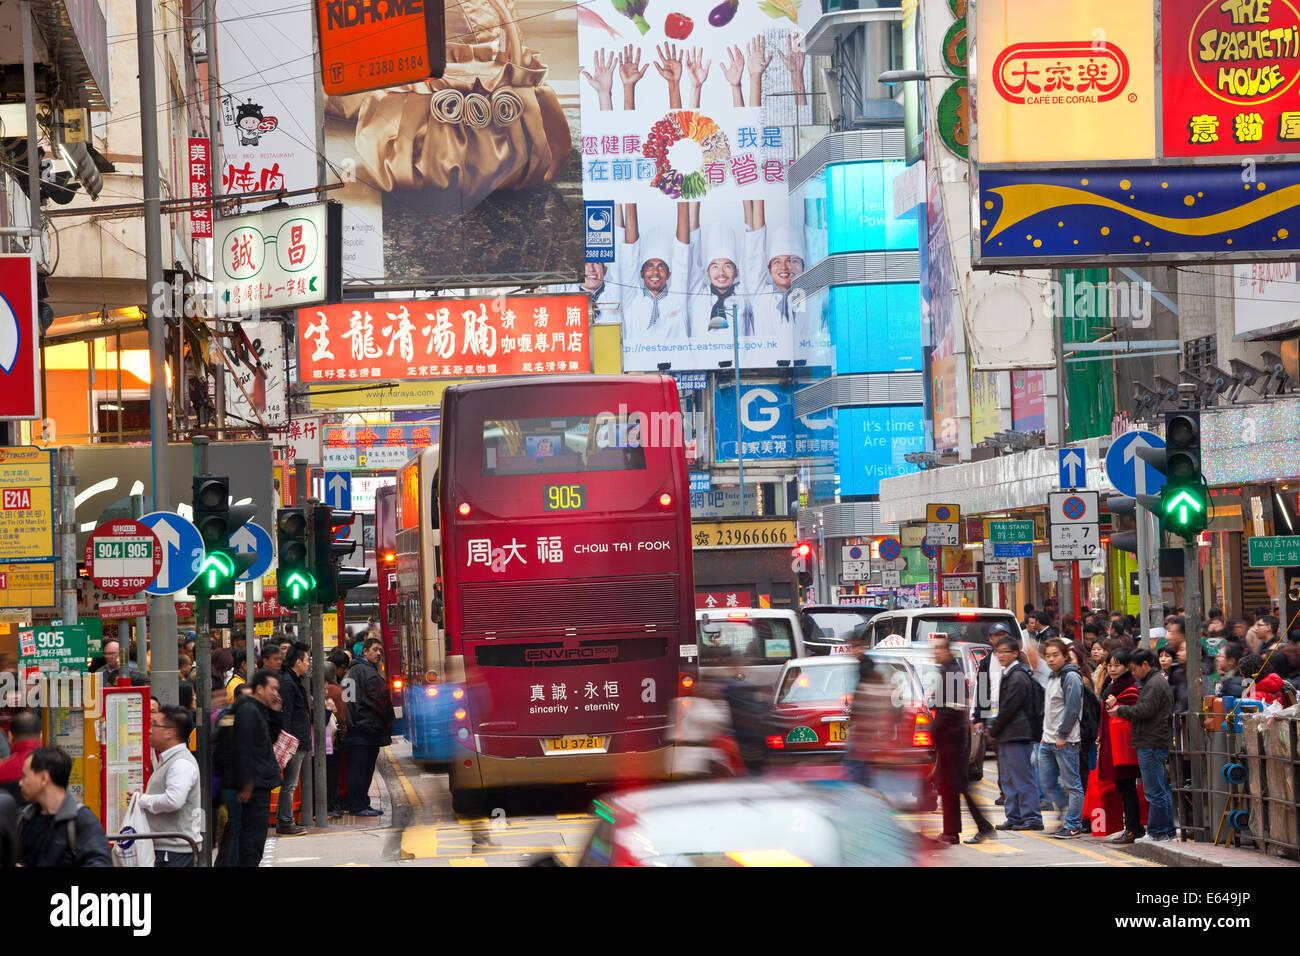 Zona comercial y transitada calle cruzar nr Fa Yuen Mercado, Hong Kong, China Imagen De Stock